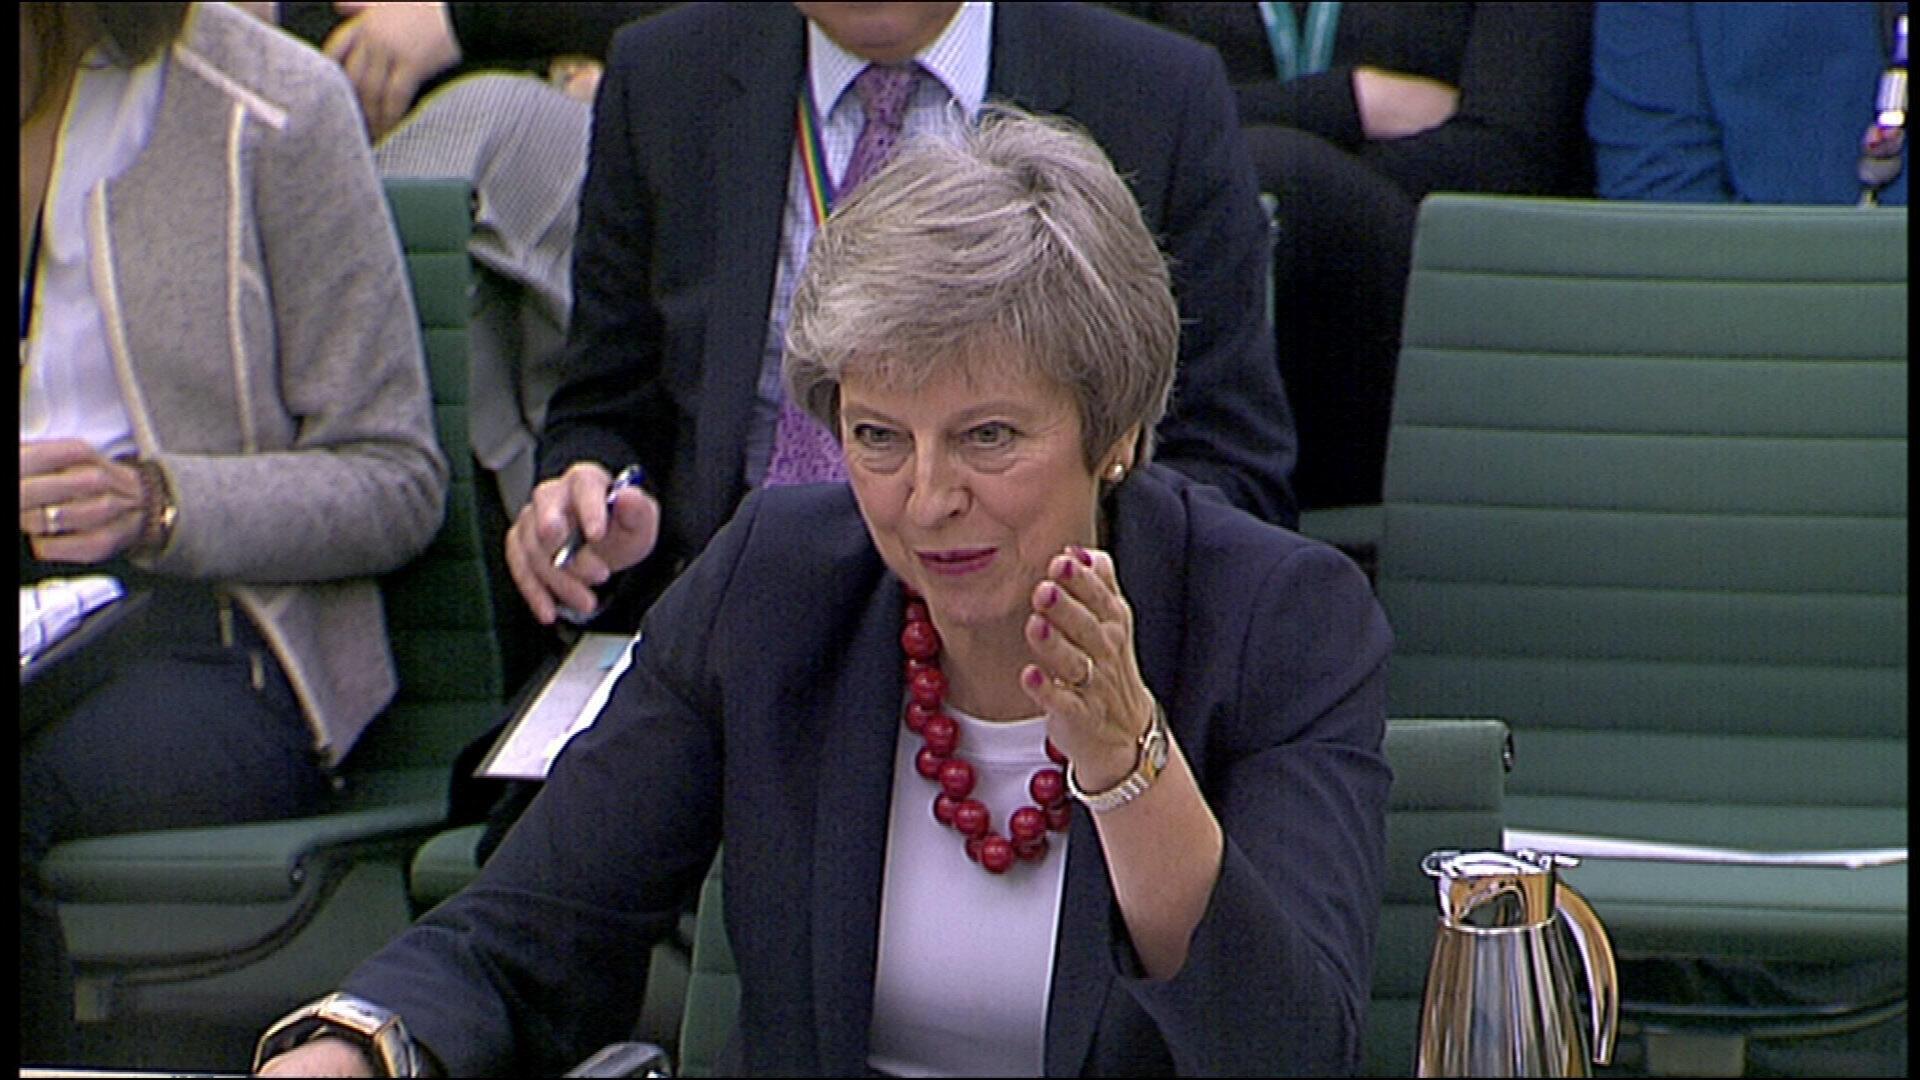 Firaminista Theresa May na ci gaba da fuskantar cikas a shirinta na ficewar Birtaniya daga EU matakin da ke sanya mata bakin jini hatta daga 'ya'yan jam'iyyarta.